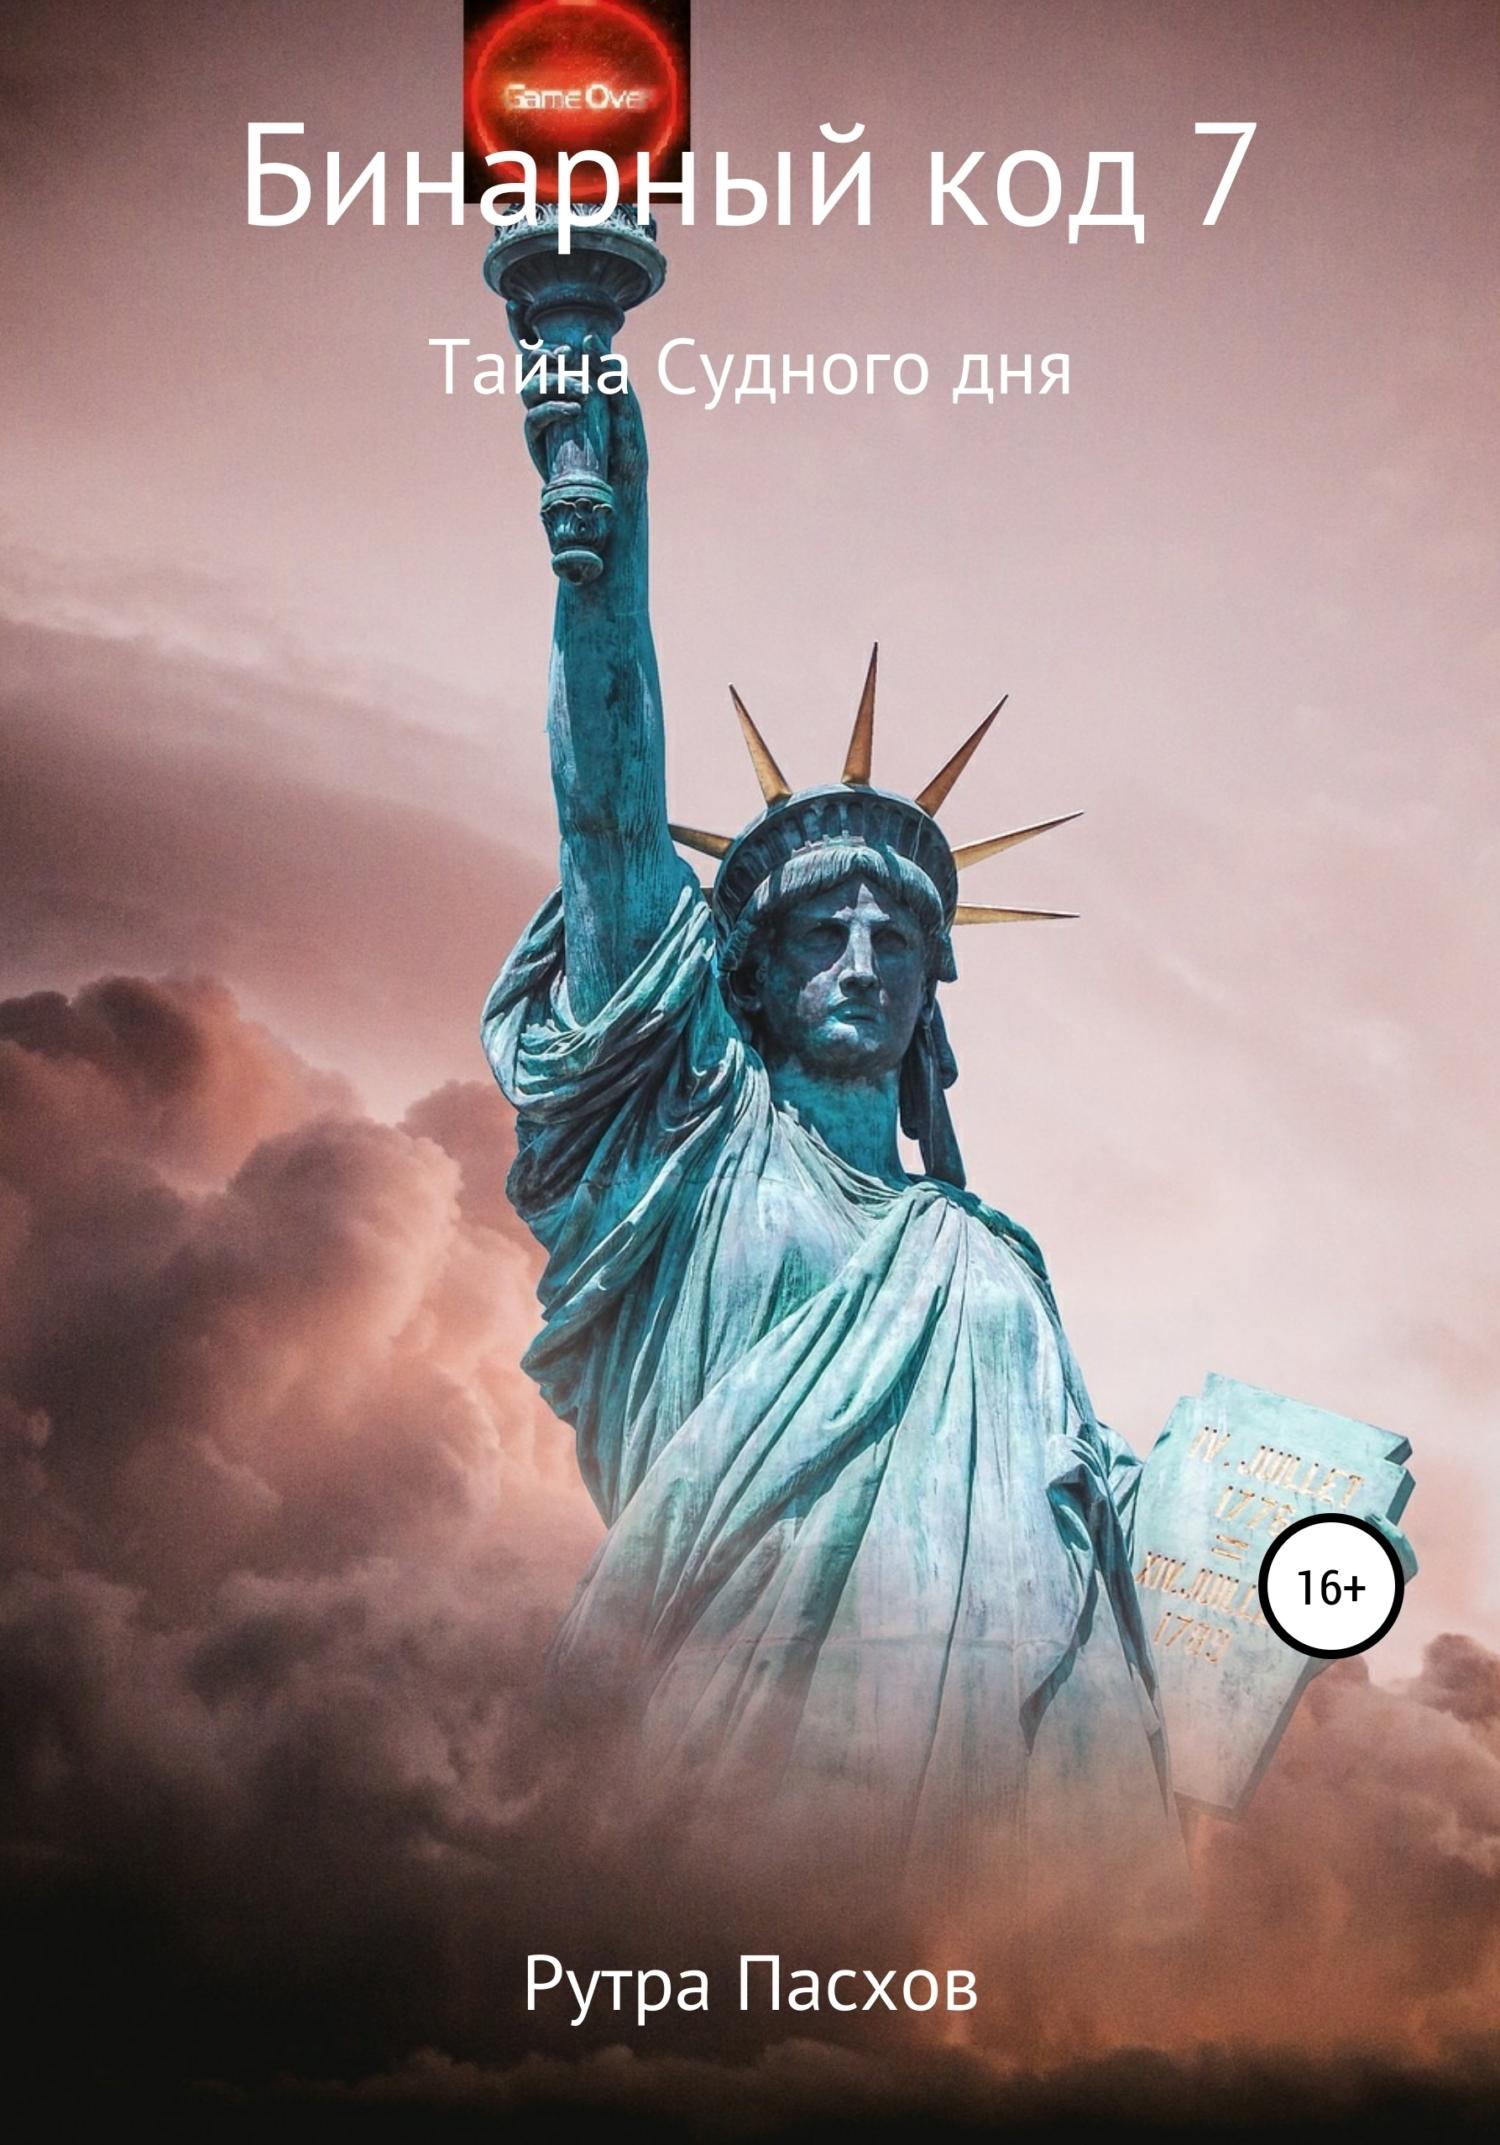 Артур Тигранович Задикян Бинарный код 7. Часы Судного дня цены онлайн